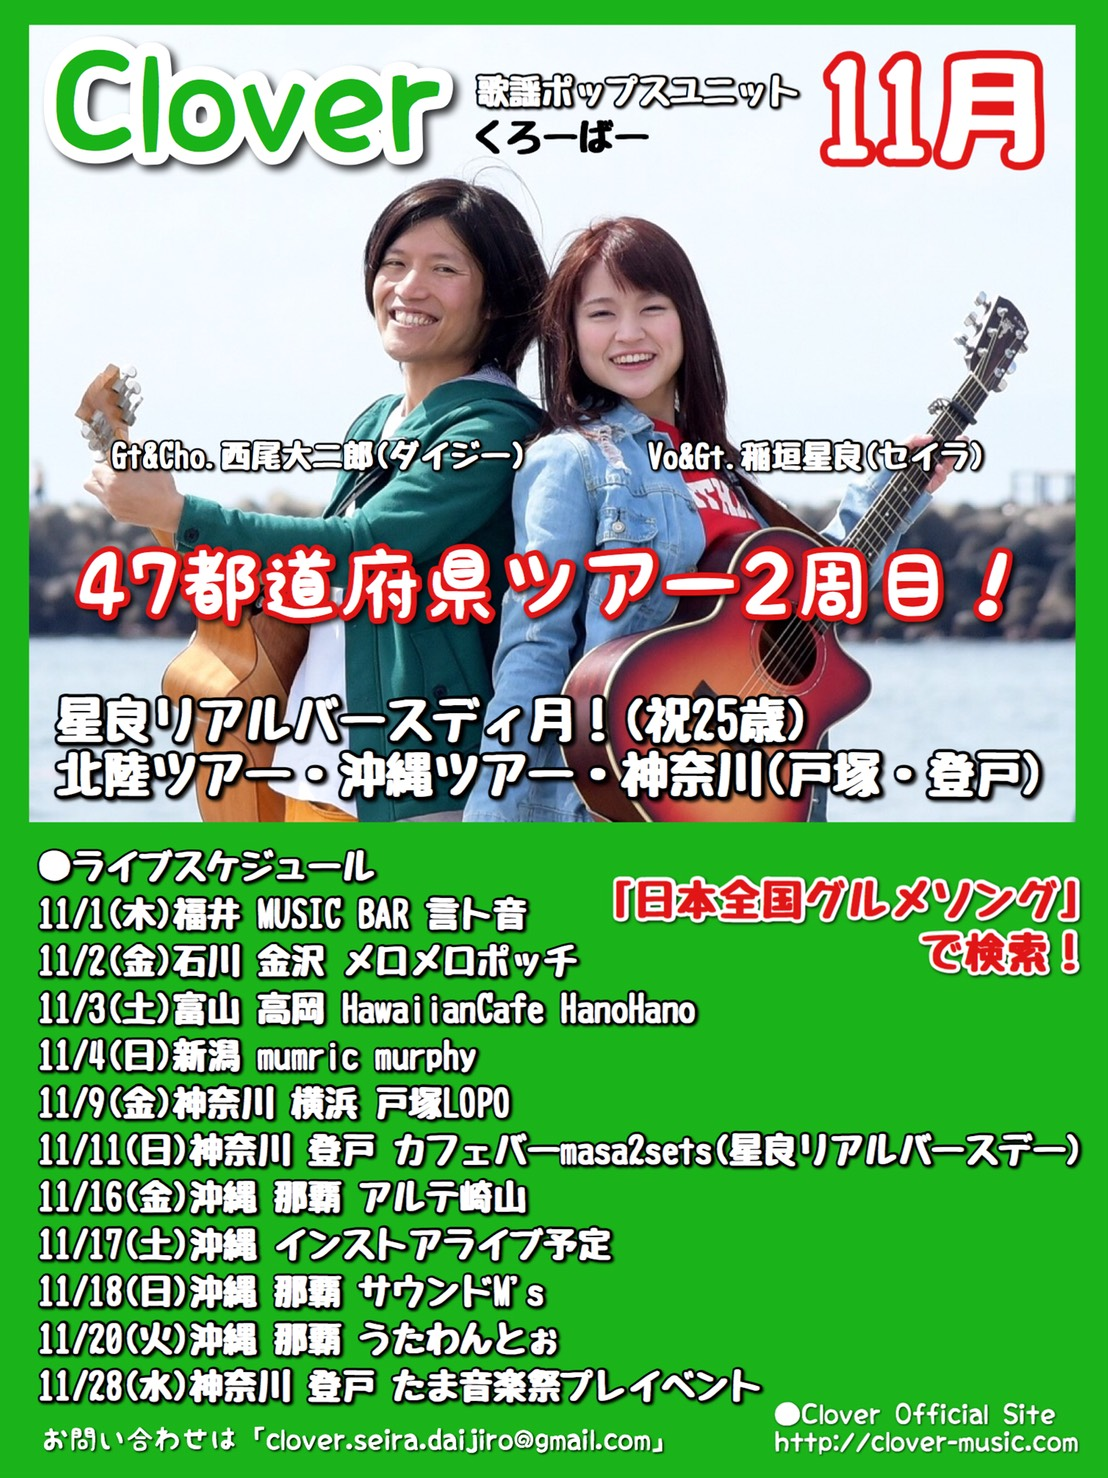 11/3富山、11/4新潟のライブ出演キャンセルのお知らせ